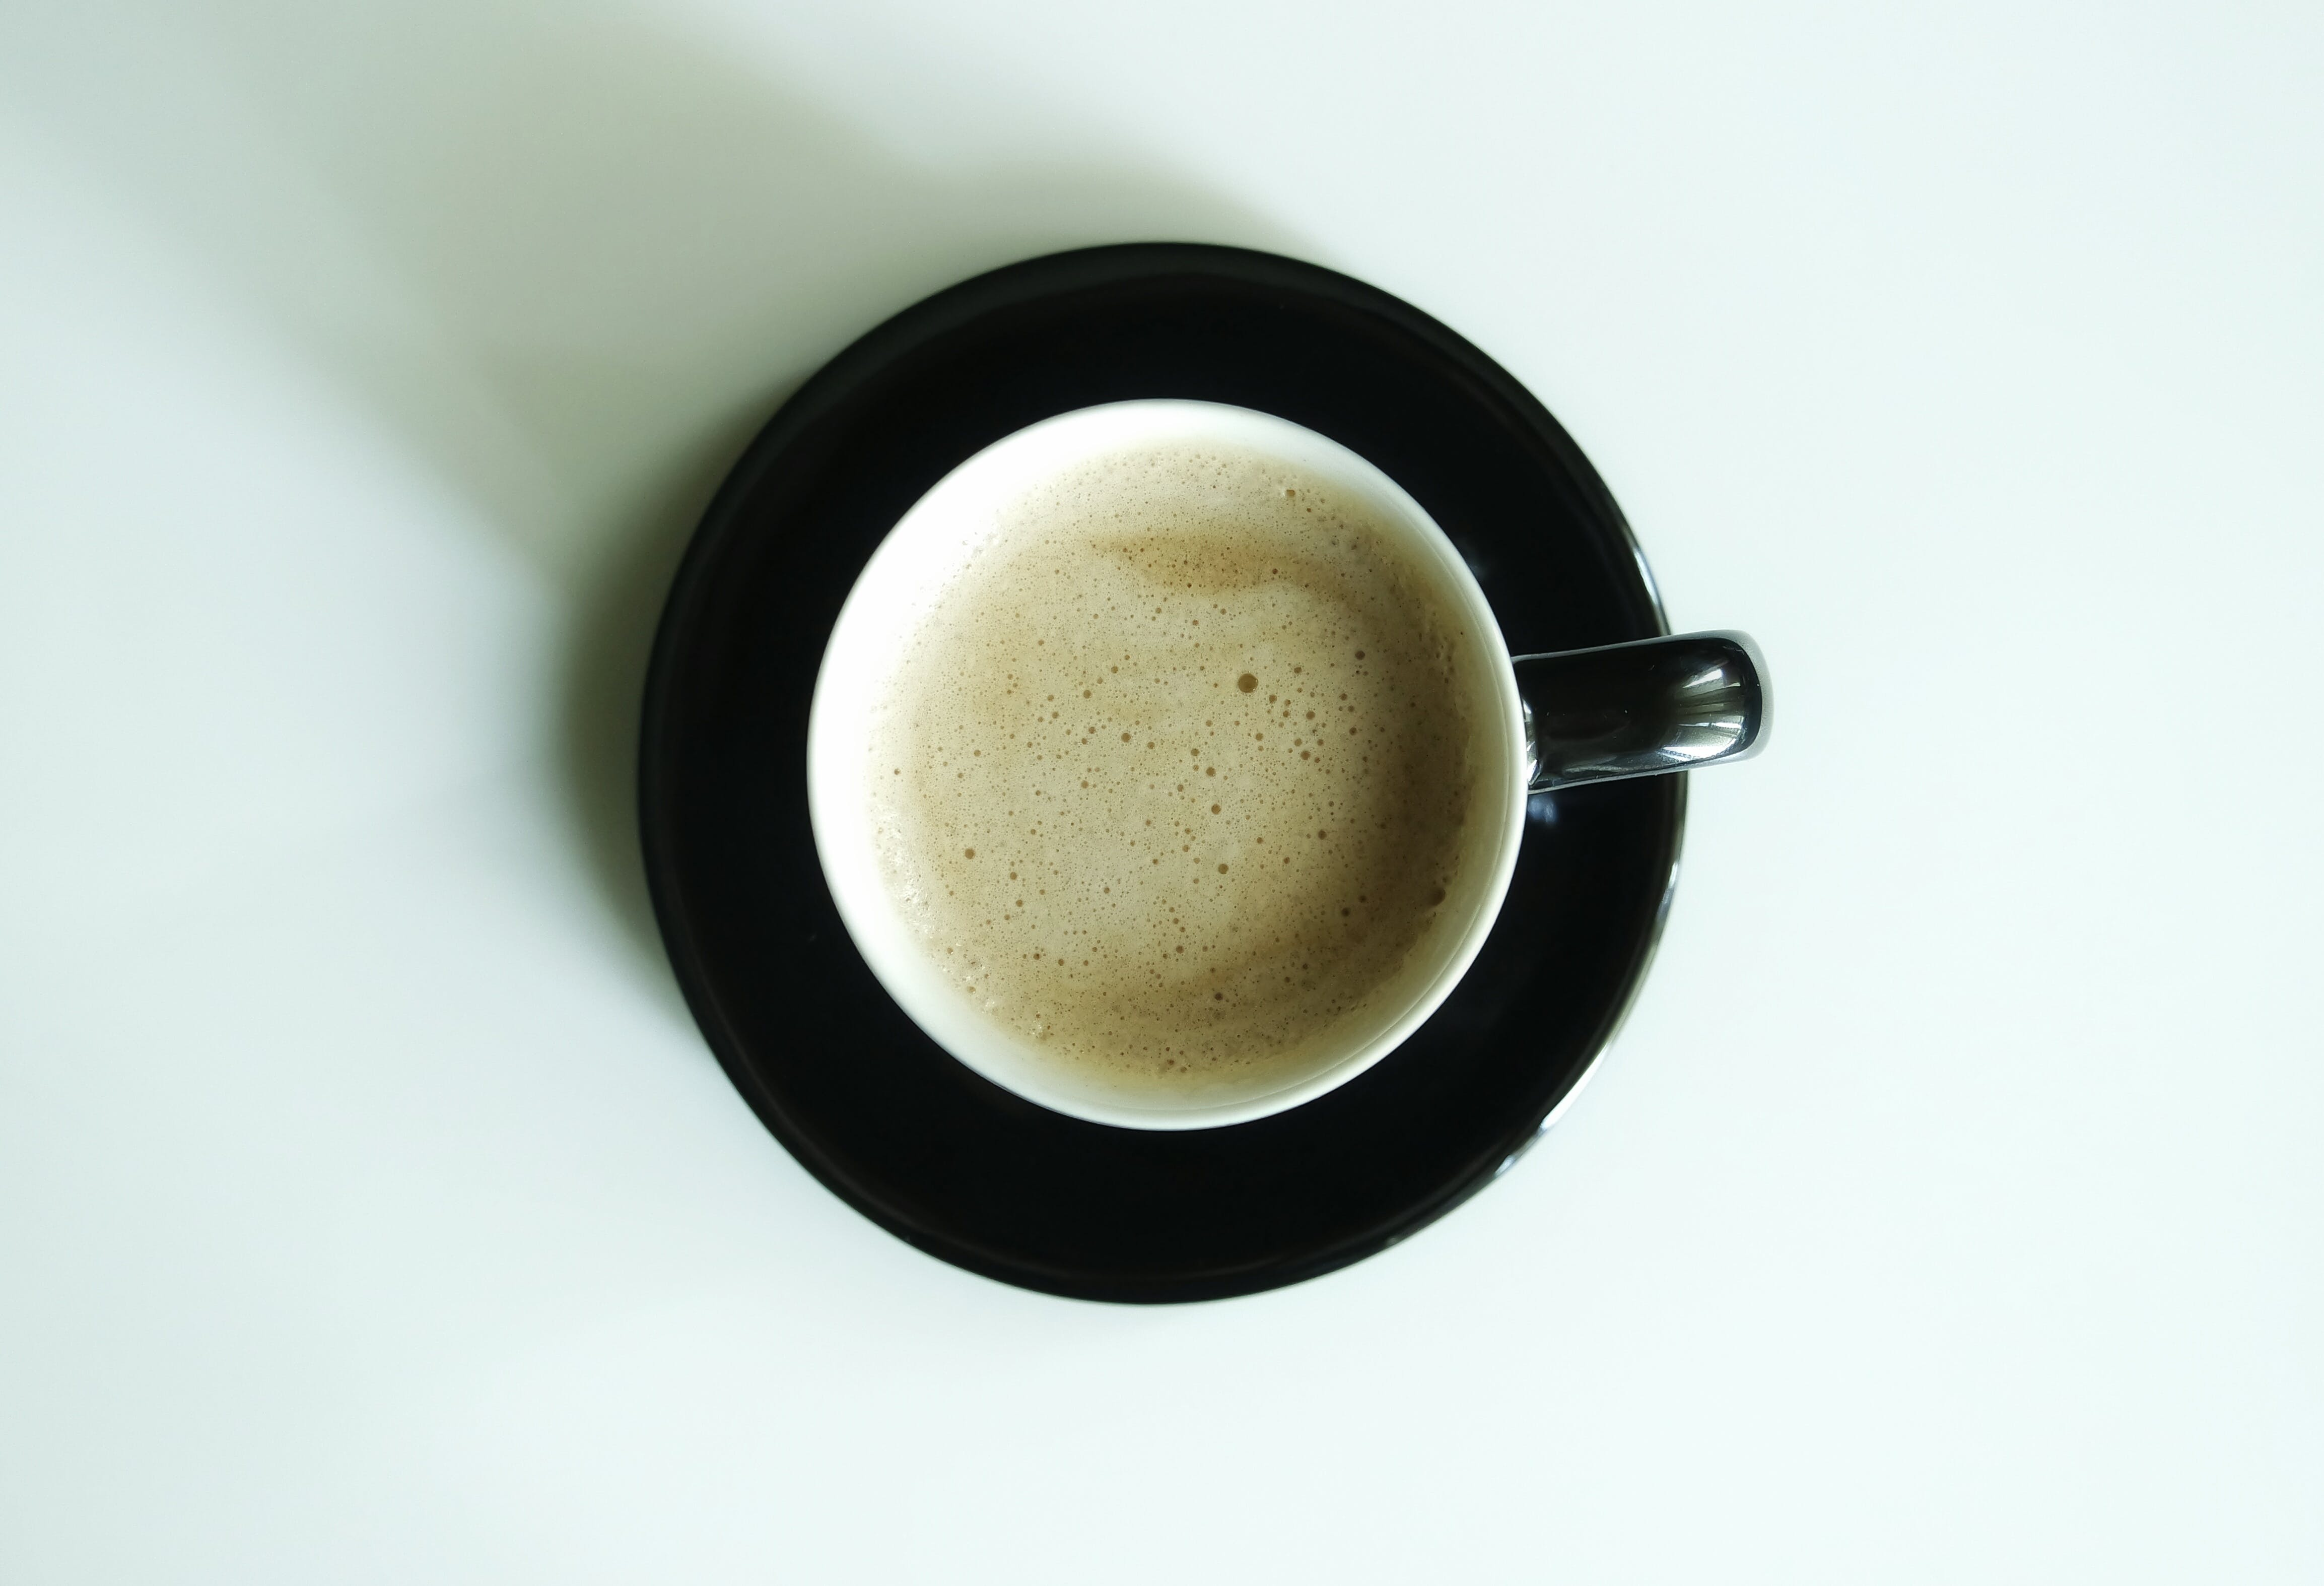 Flat Lay Photography of Latte Inside White Ceramic Mug